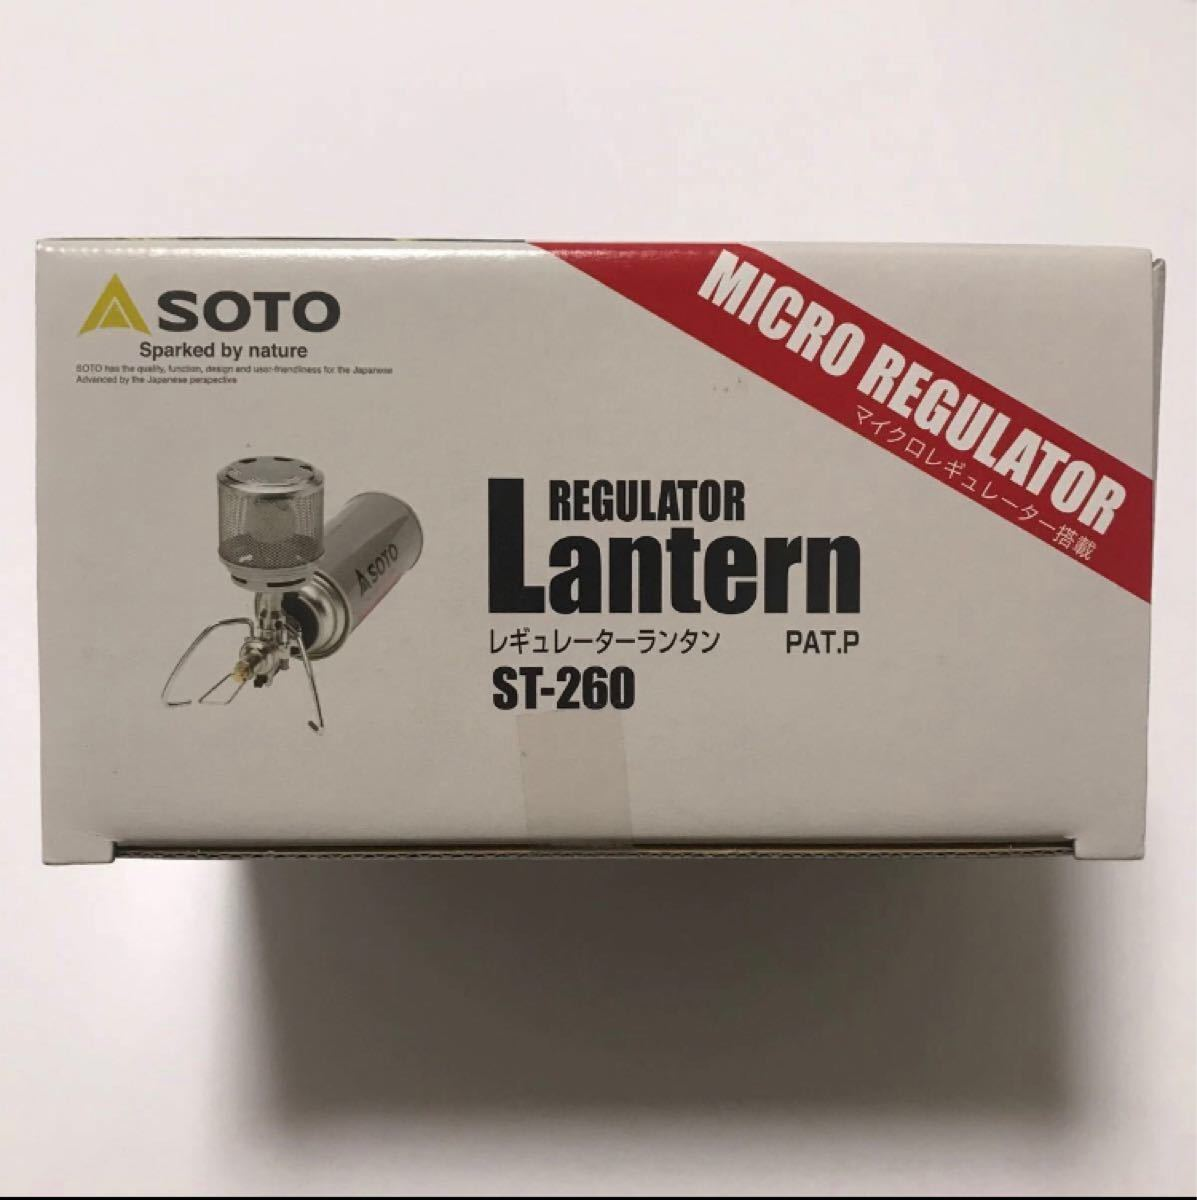 レギュレーターランタン ST-260 新富士バーナー SOTO